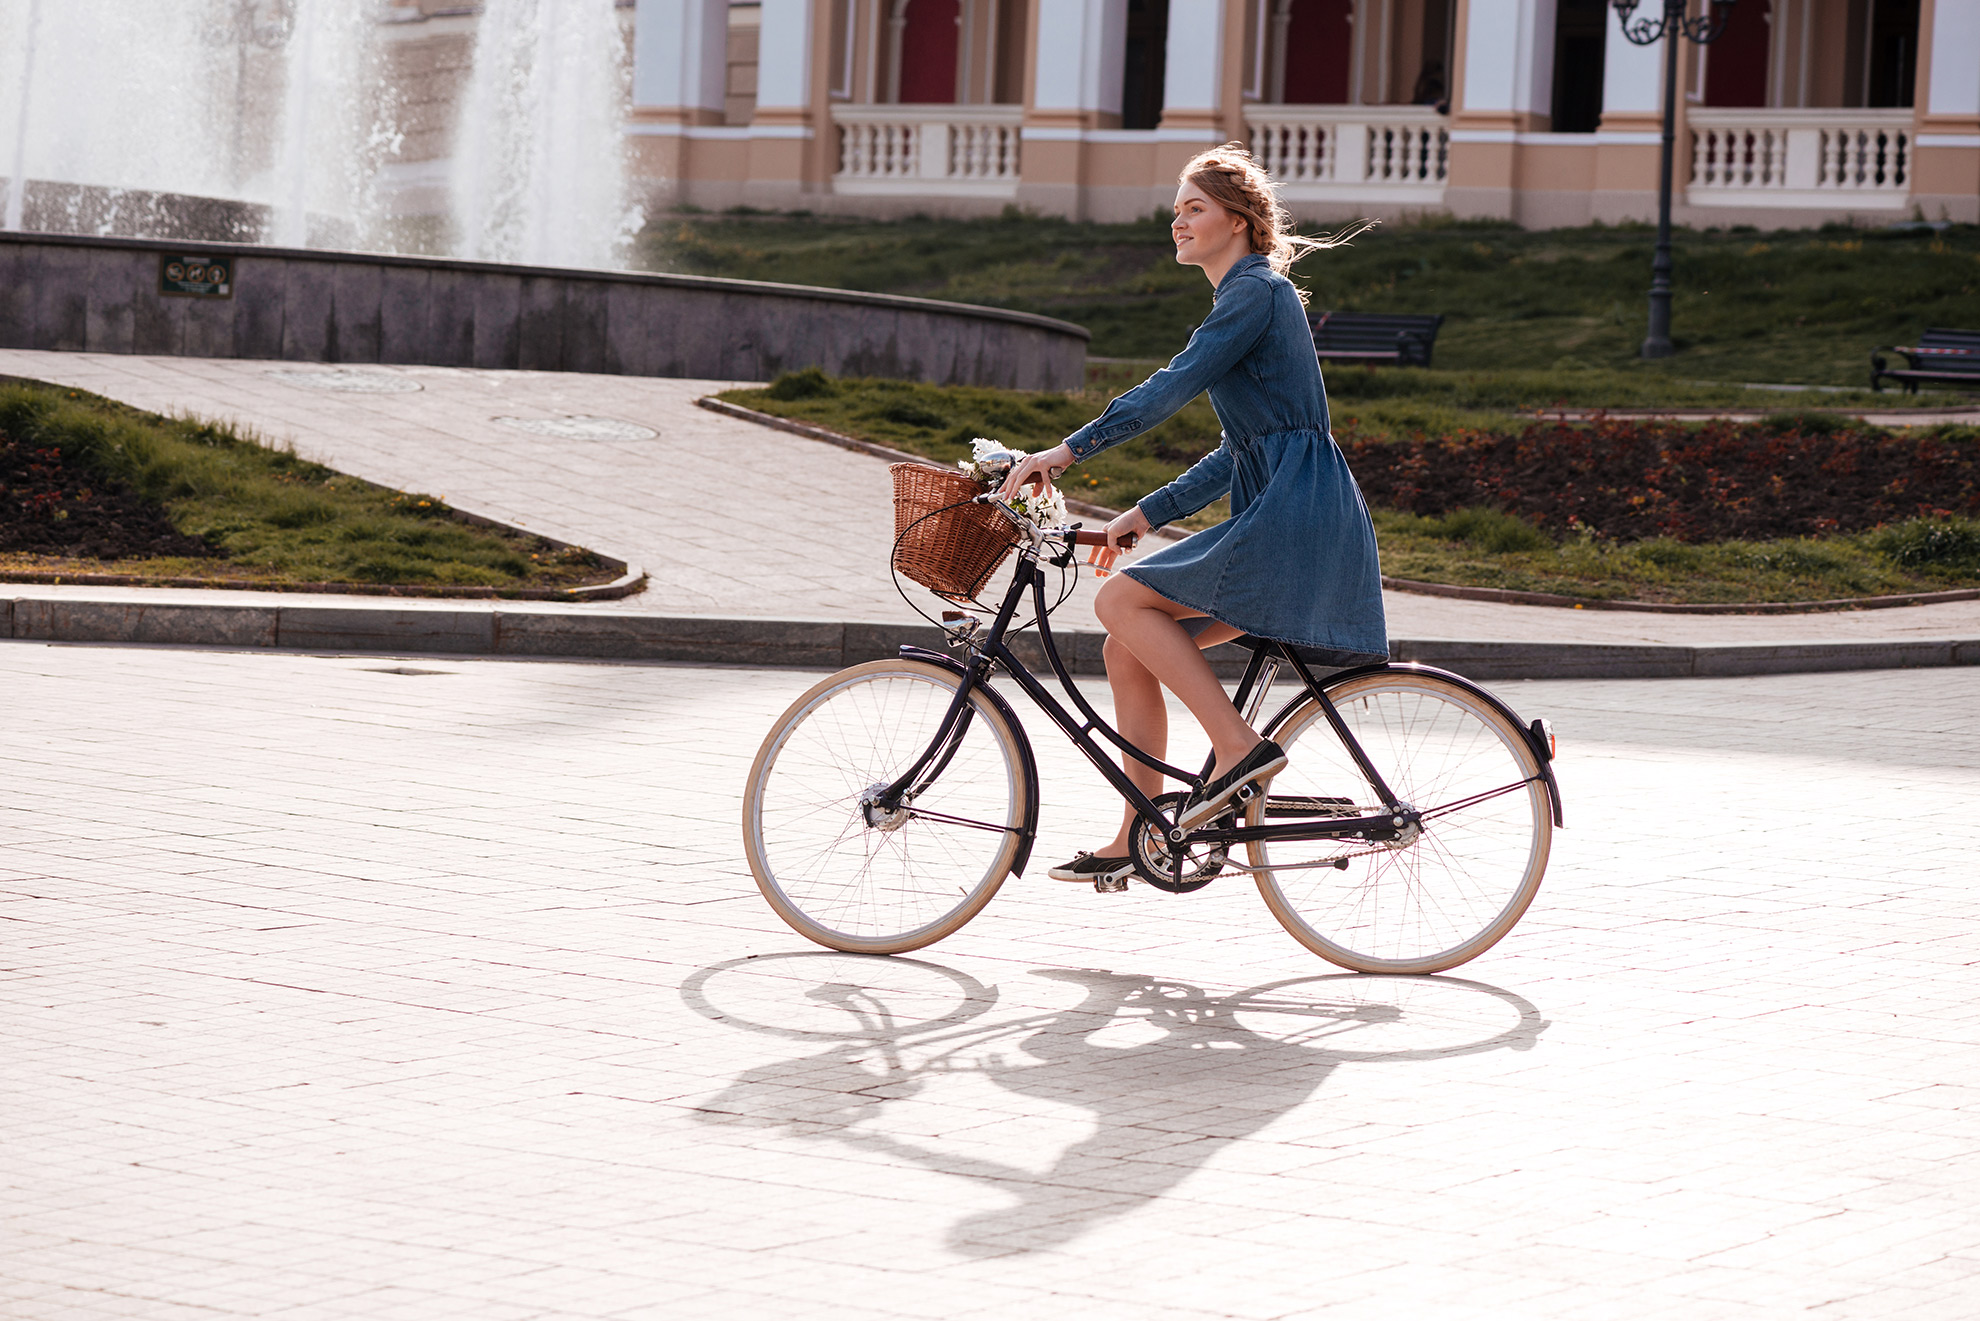 Kobieta w sukience na rowerze, ilustracja do artykułu w którym odpowiadamy, czy da się jeździć w sukience na rowerze